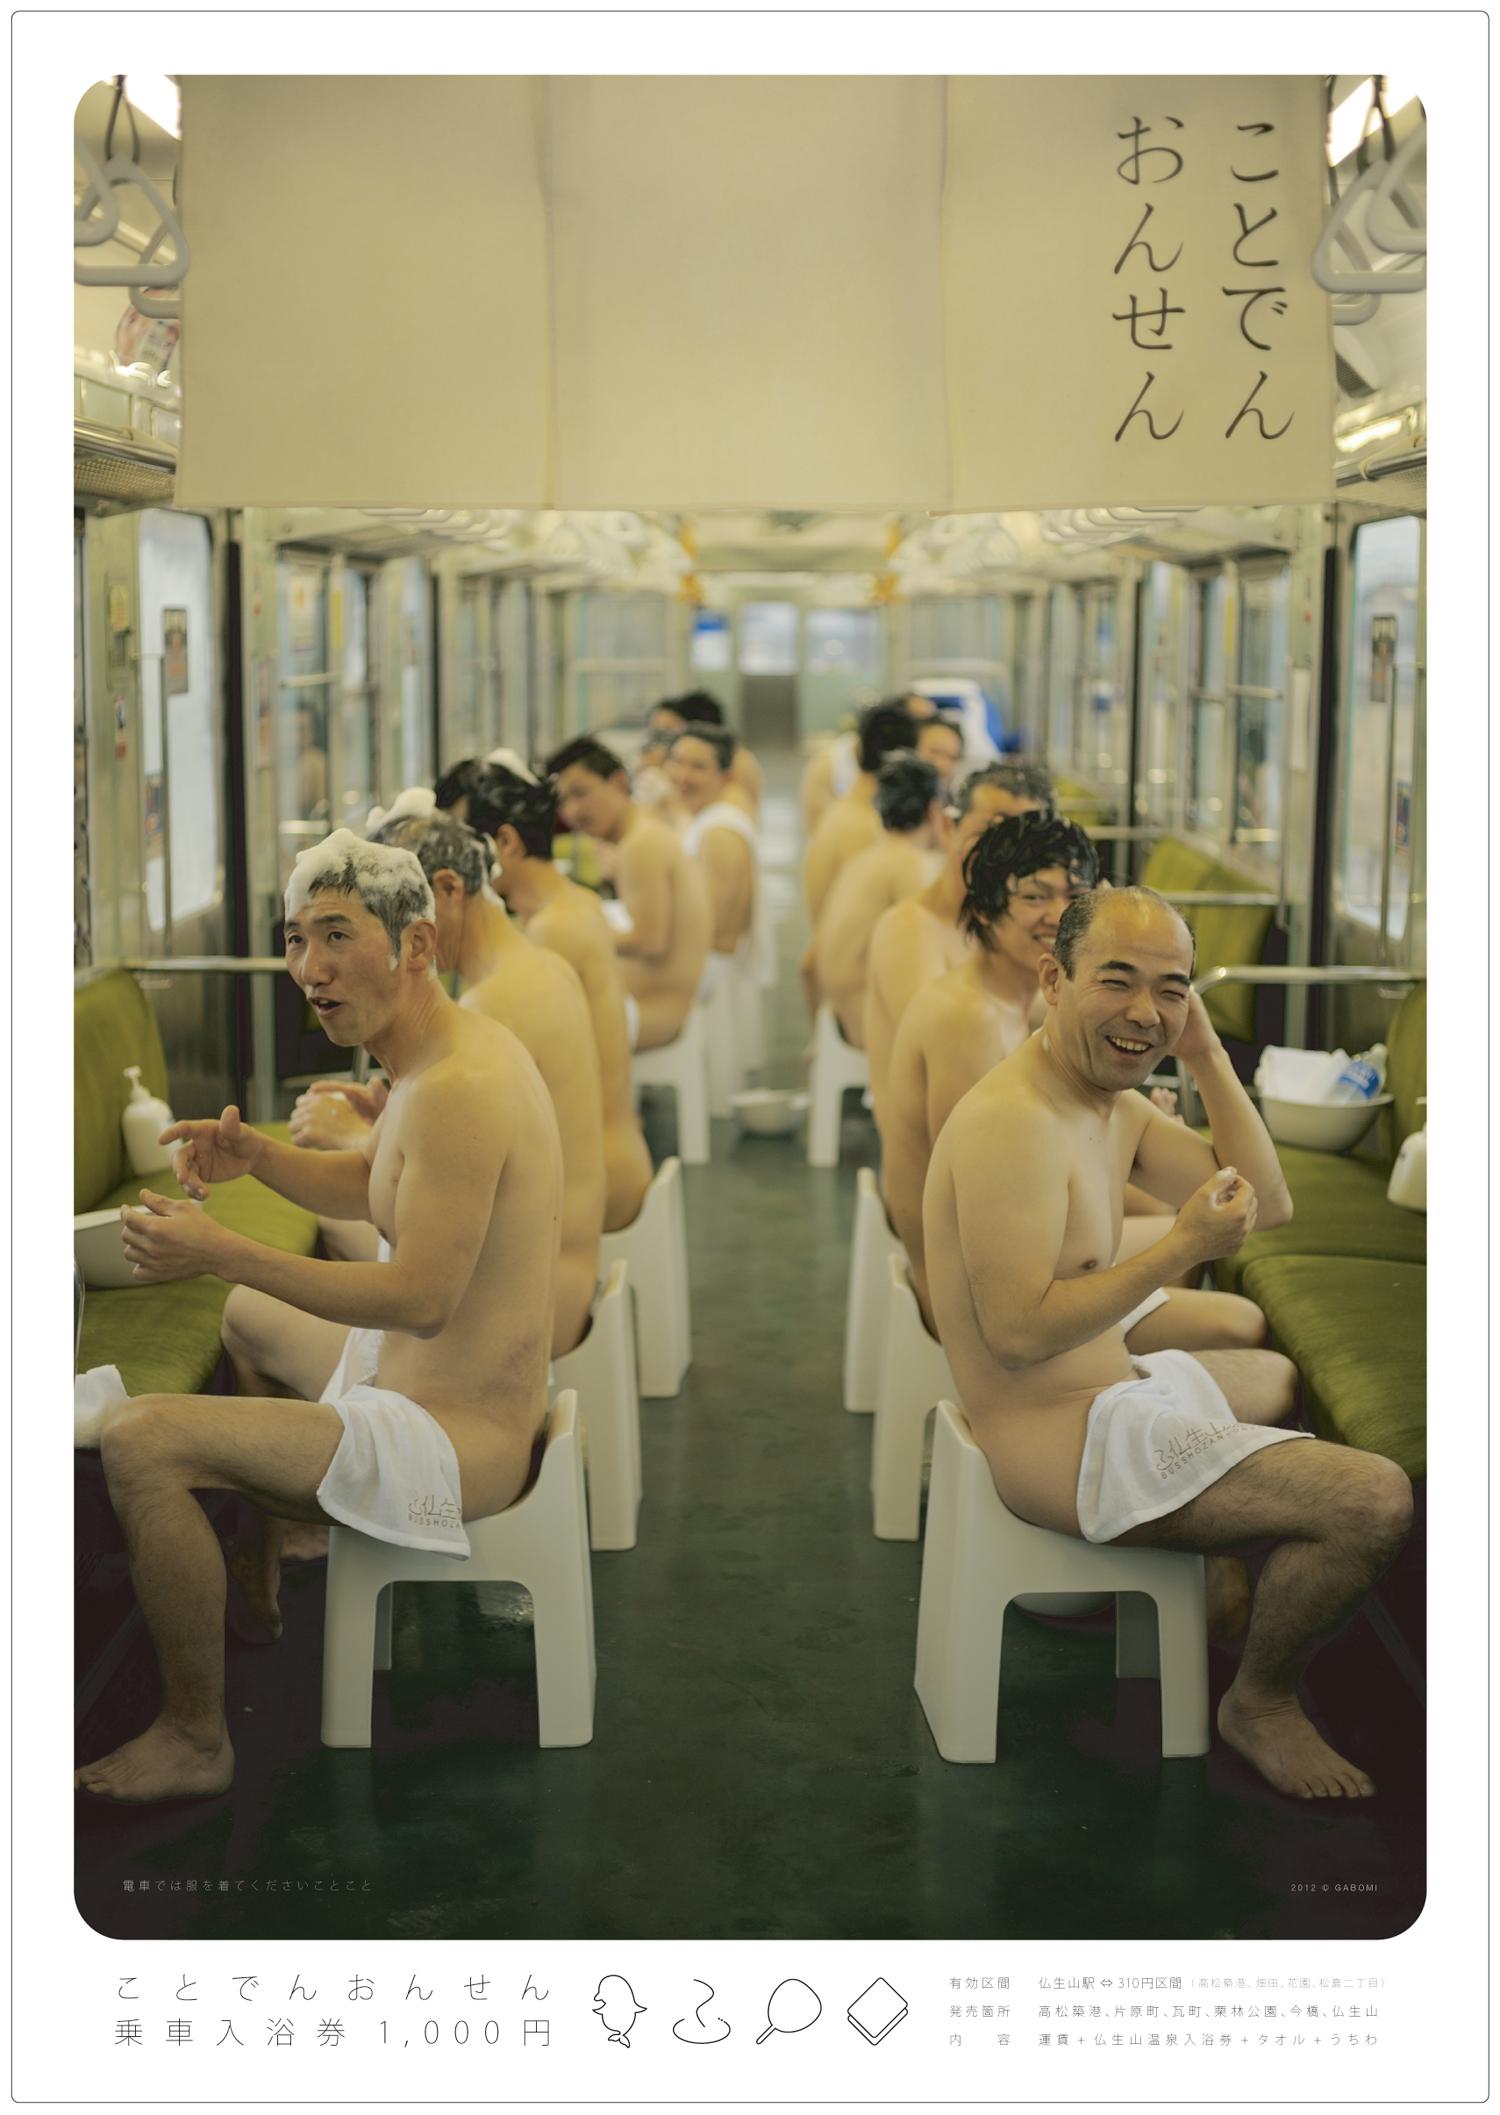 電車の中でシャンプー